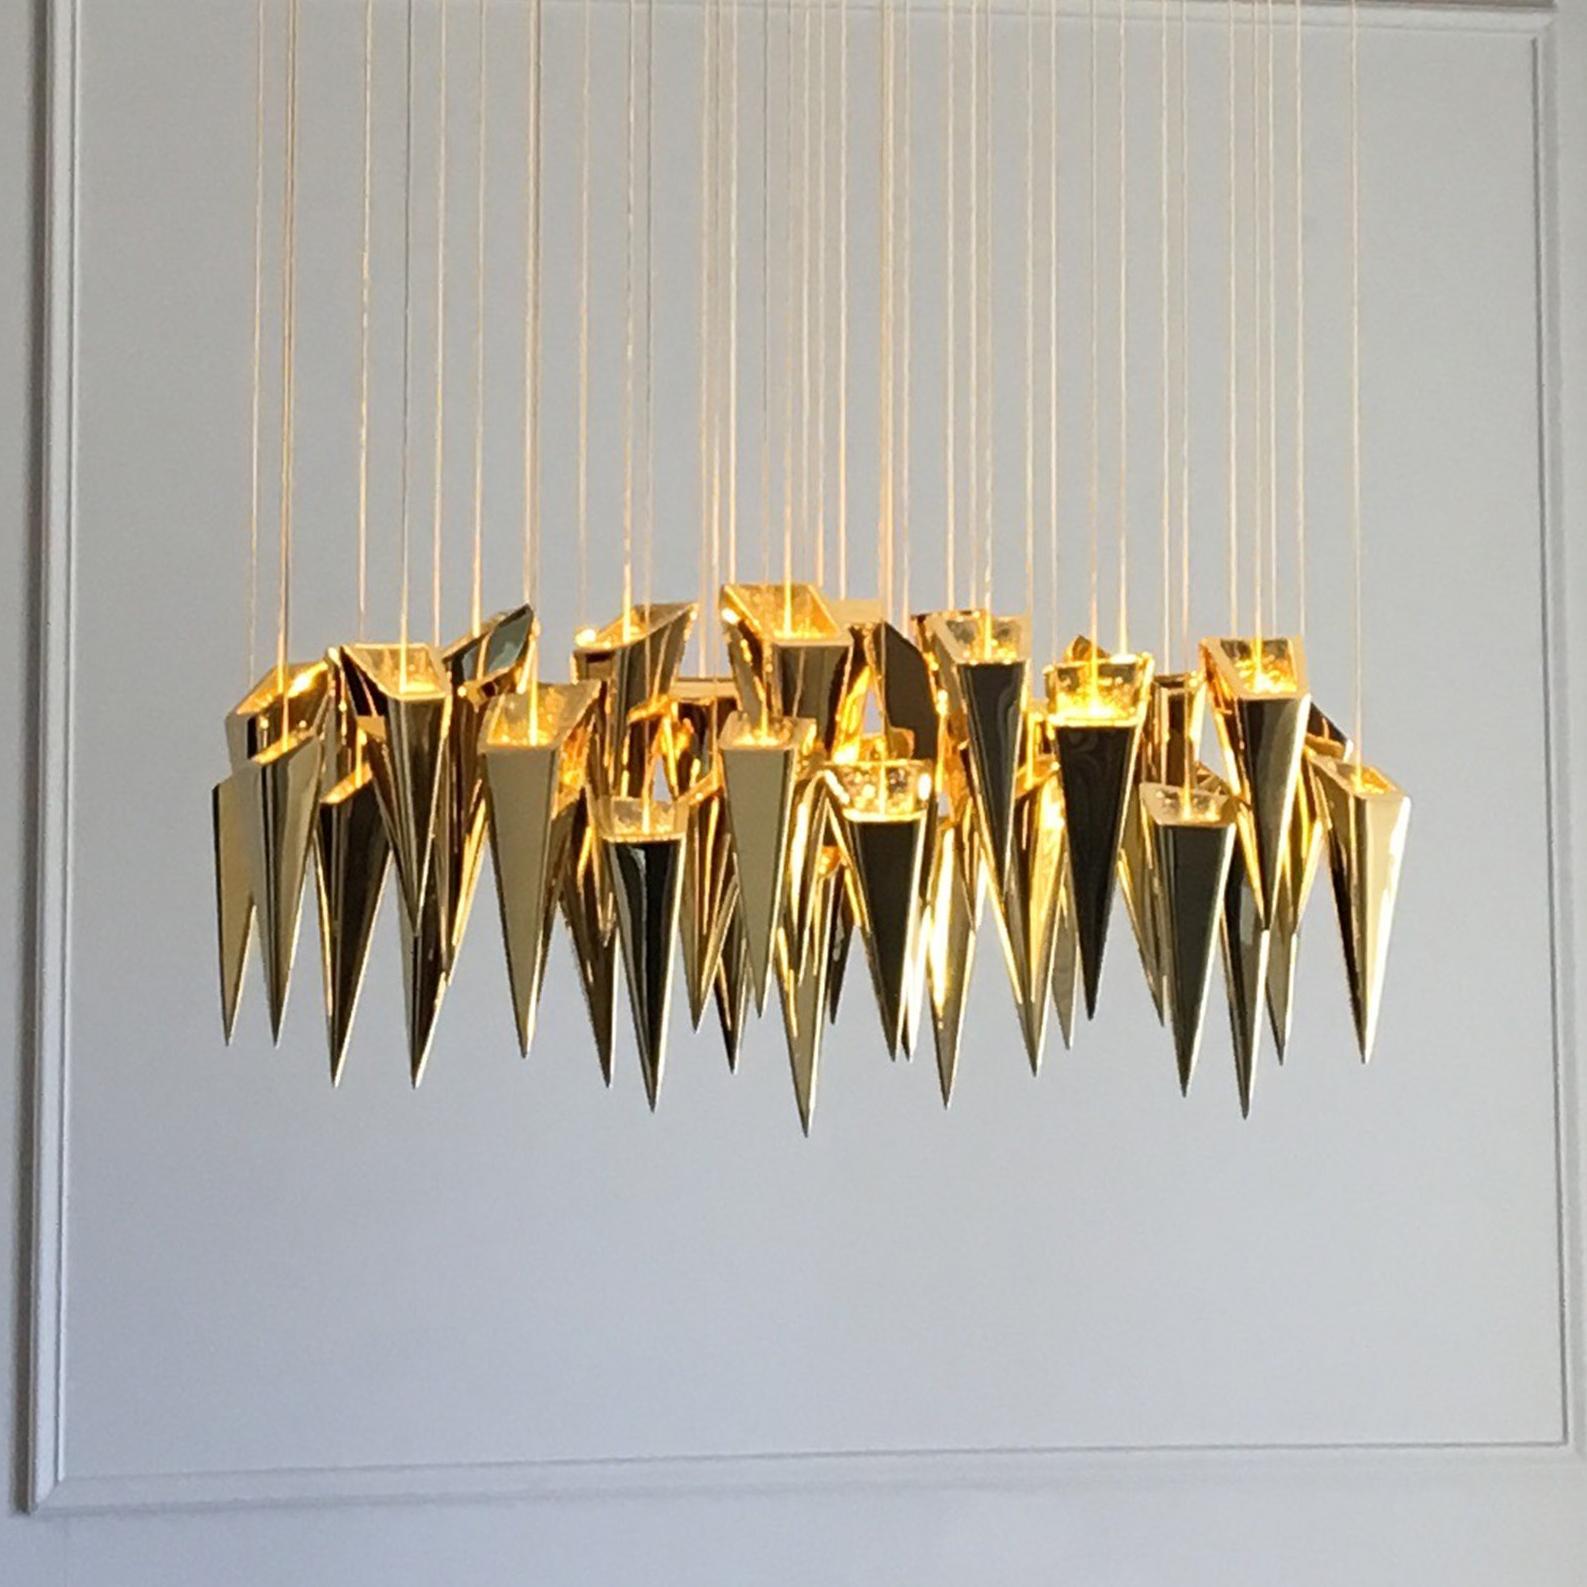 Guy Regal  New York Design Center  200 Lexington Avenue, Suite 806  New York, NY 10016   www.guyregalnyc.com   212 447 7717